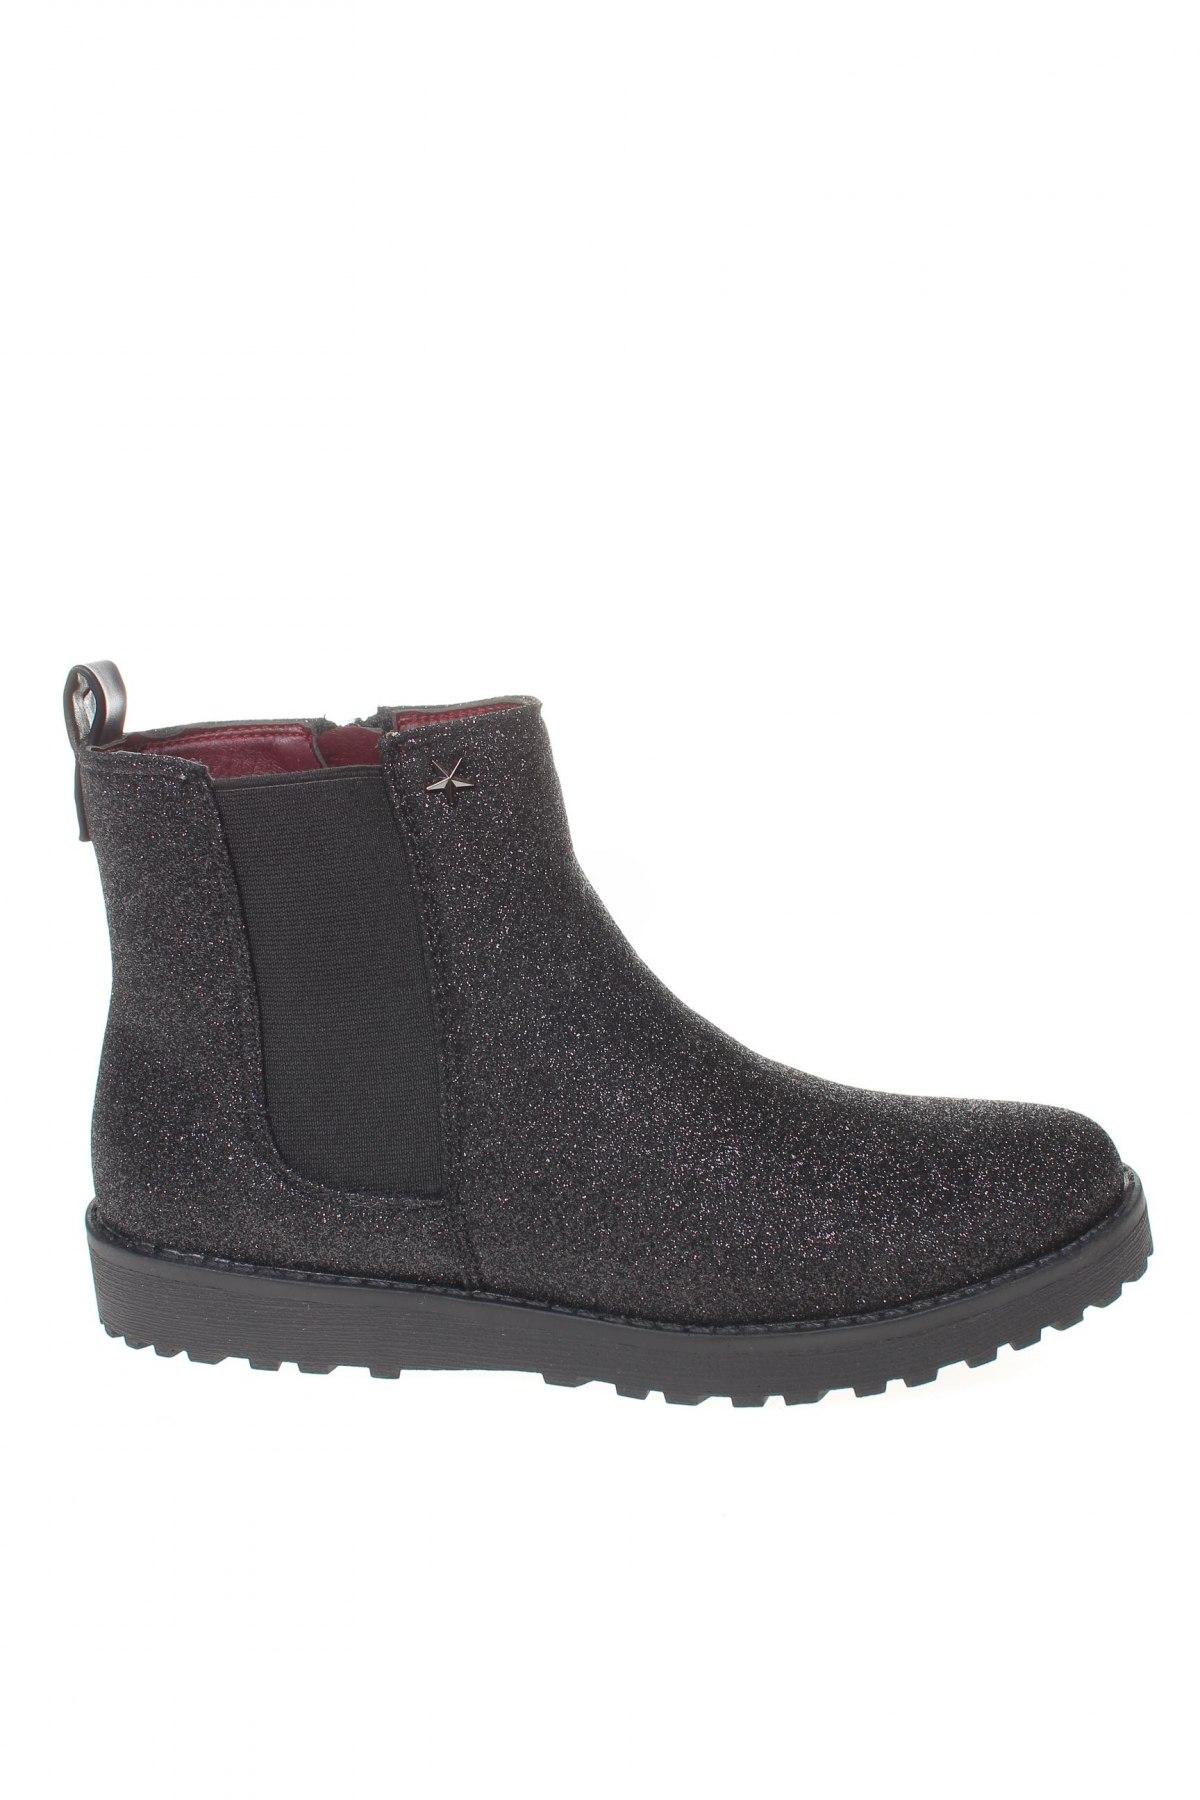 Παιδικά παπούτσια Gioseppo, Μέγεθος 34, Χρώμα Μαύρο, Δερματίνη, Τιμή 13,76€